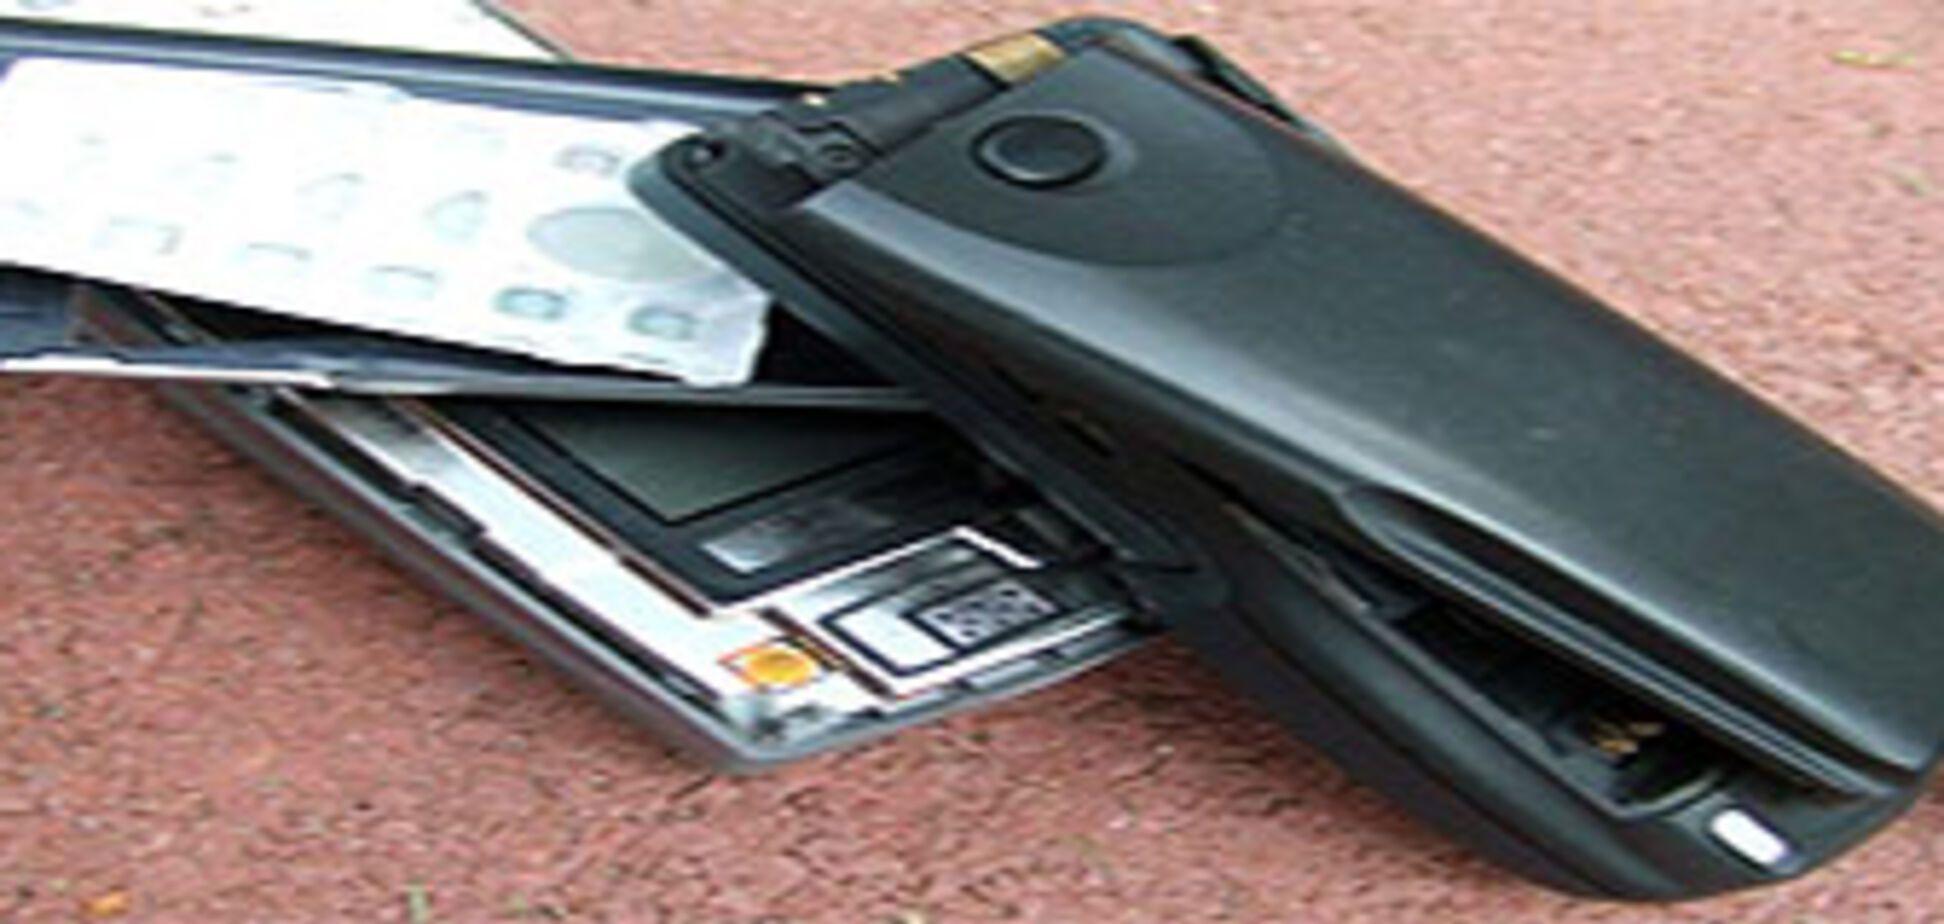 Як убити мобільник об підлогу: інструкція